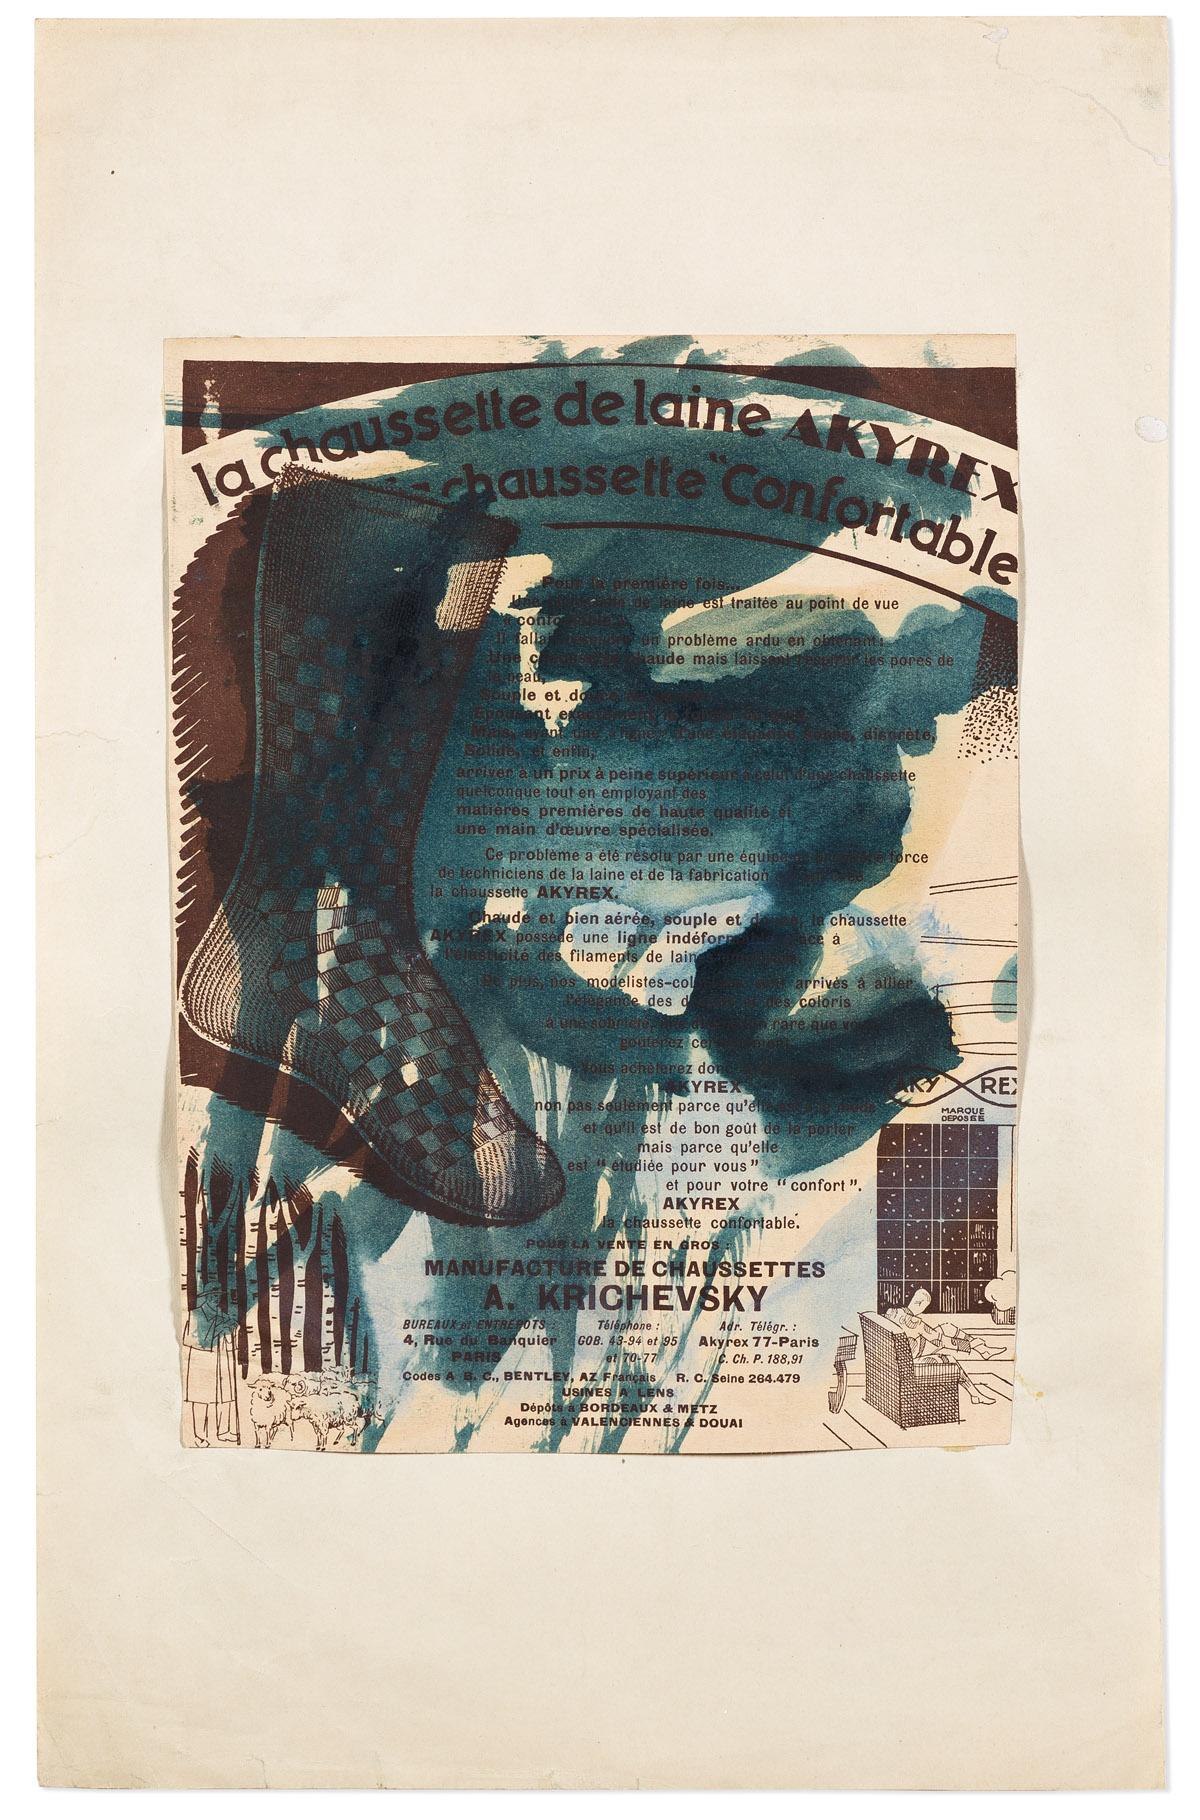 JOSEPH STELLA (1877-1946) Chaussette.